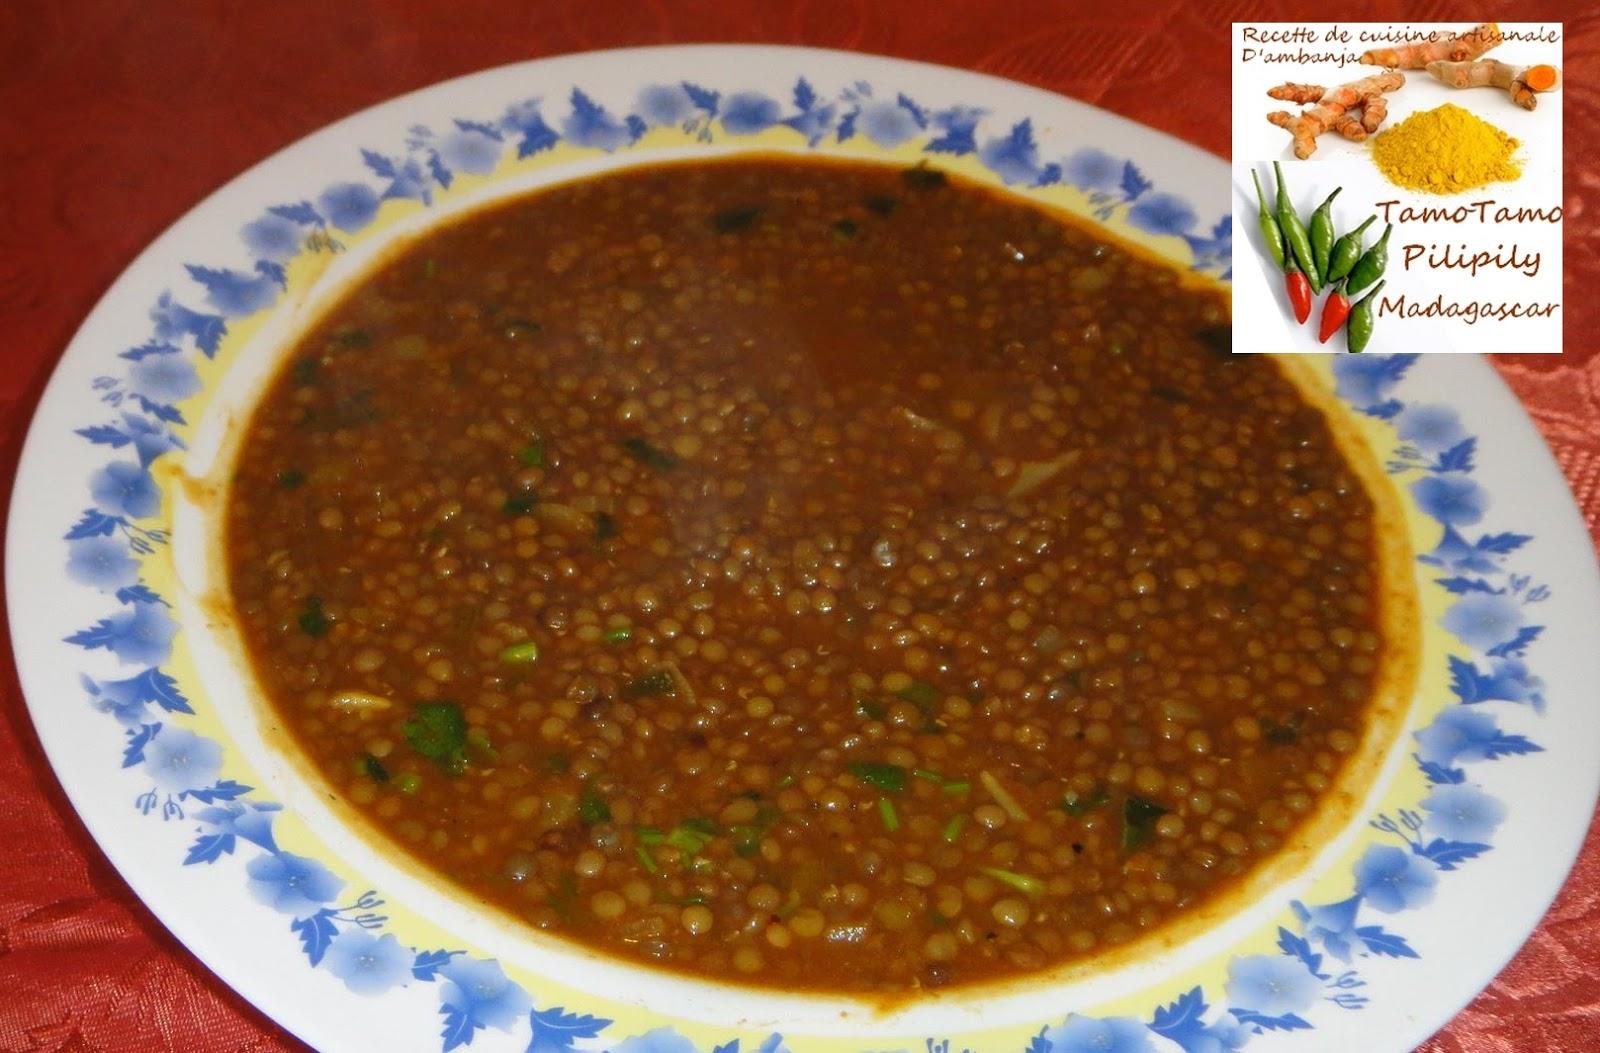 Cuisine artisanale d 39 ambanja madagascar lentille la - Recette comment cuisiner les lentilles ...